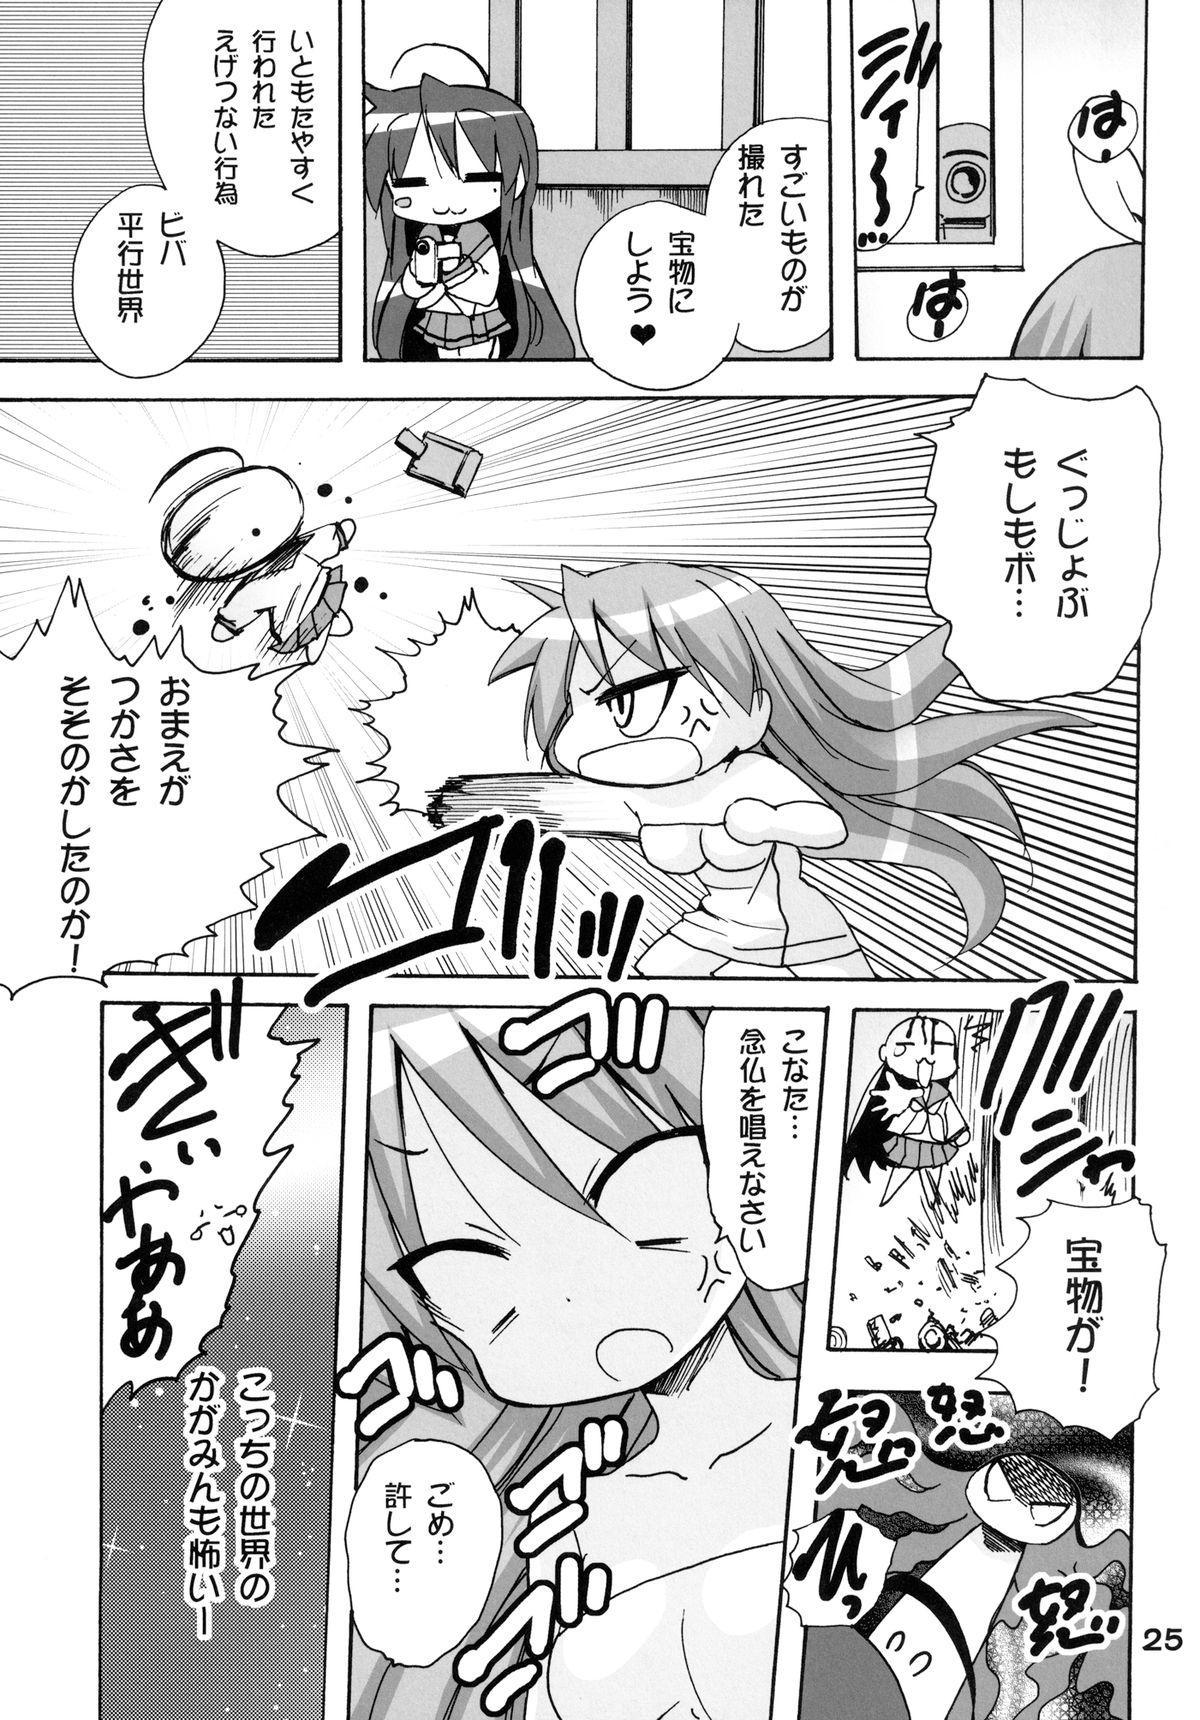 Kagamin no Moshimo Imouto ga Otokonoko Dattara 24